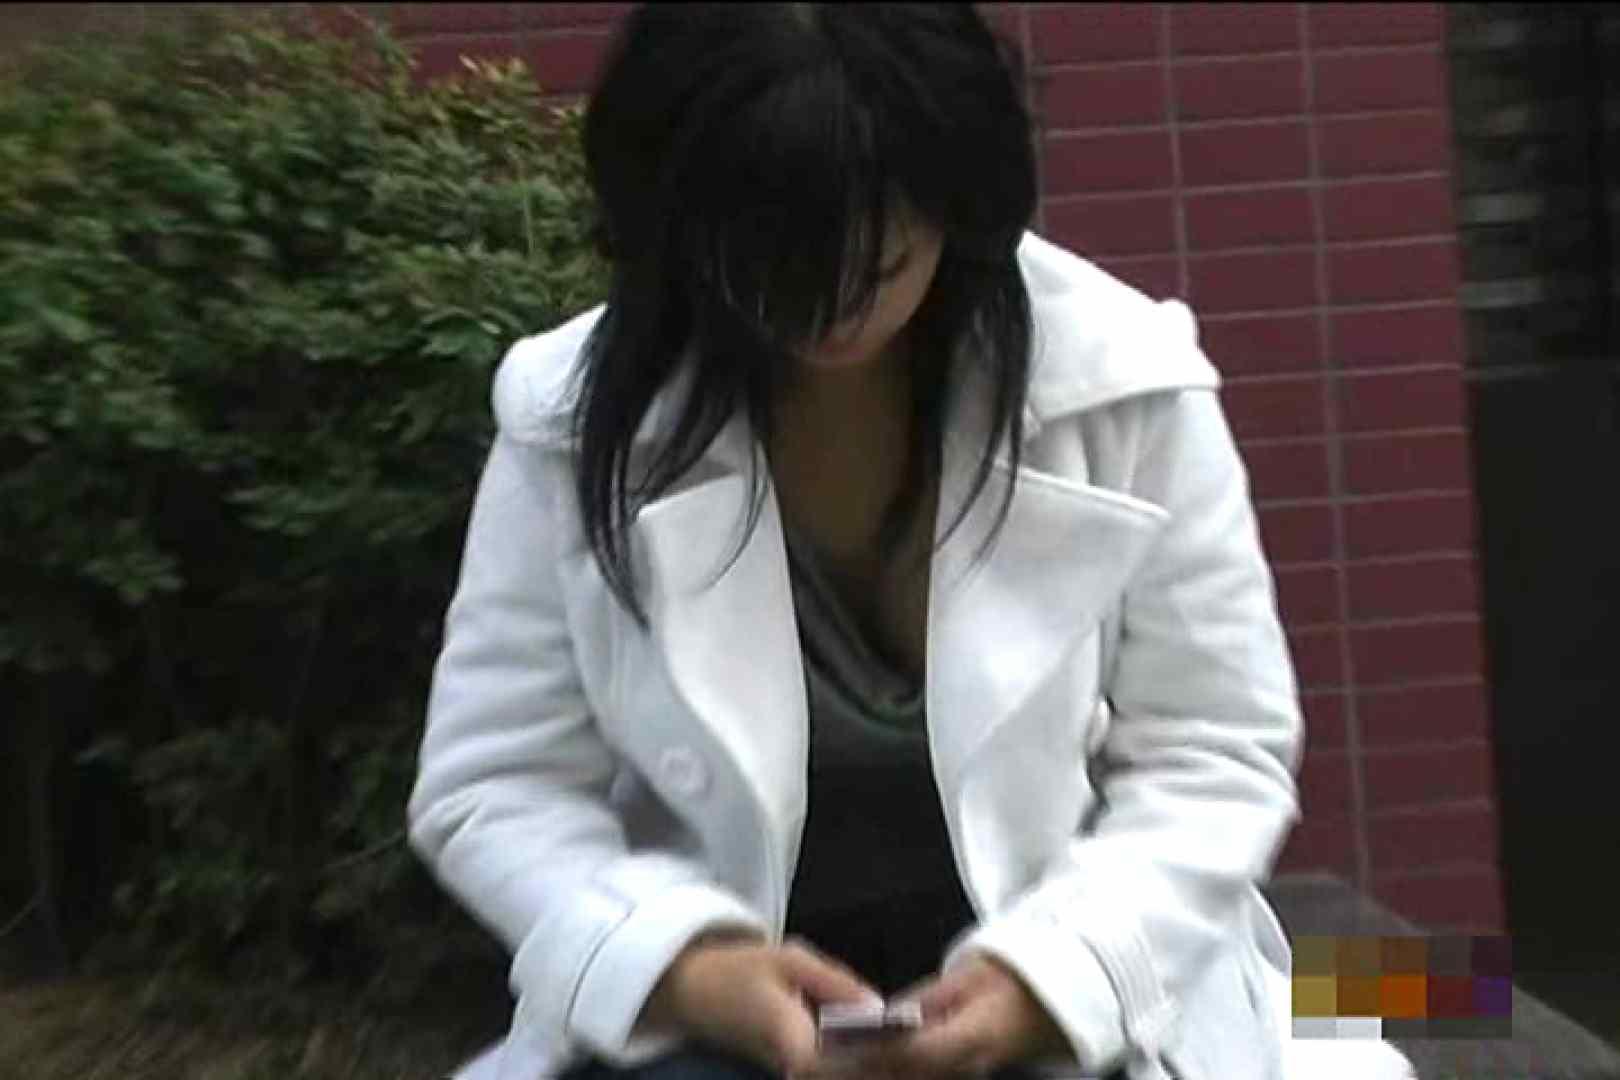 大胆露出胸チラギャル大量発生中!!Vol.4 胸チラ 覗きオメコ動画キャプチャ 46pic 34